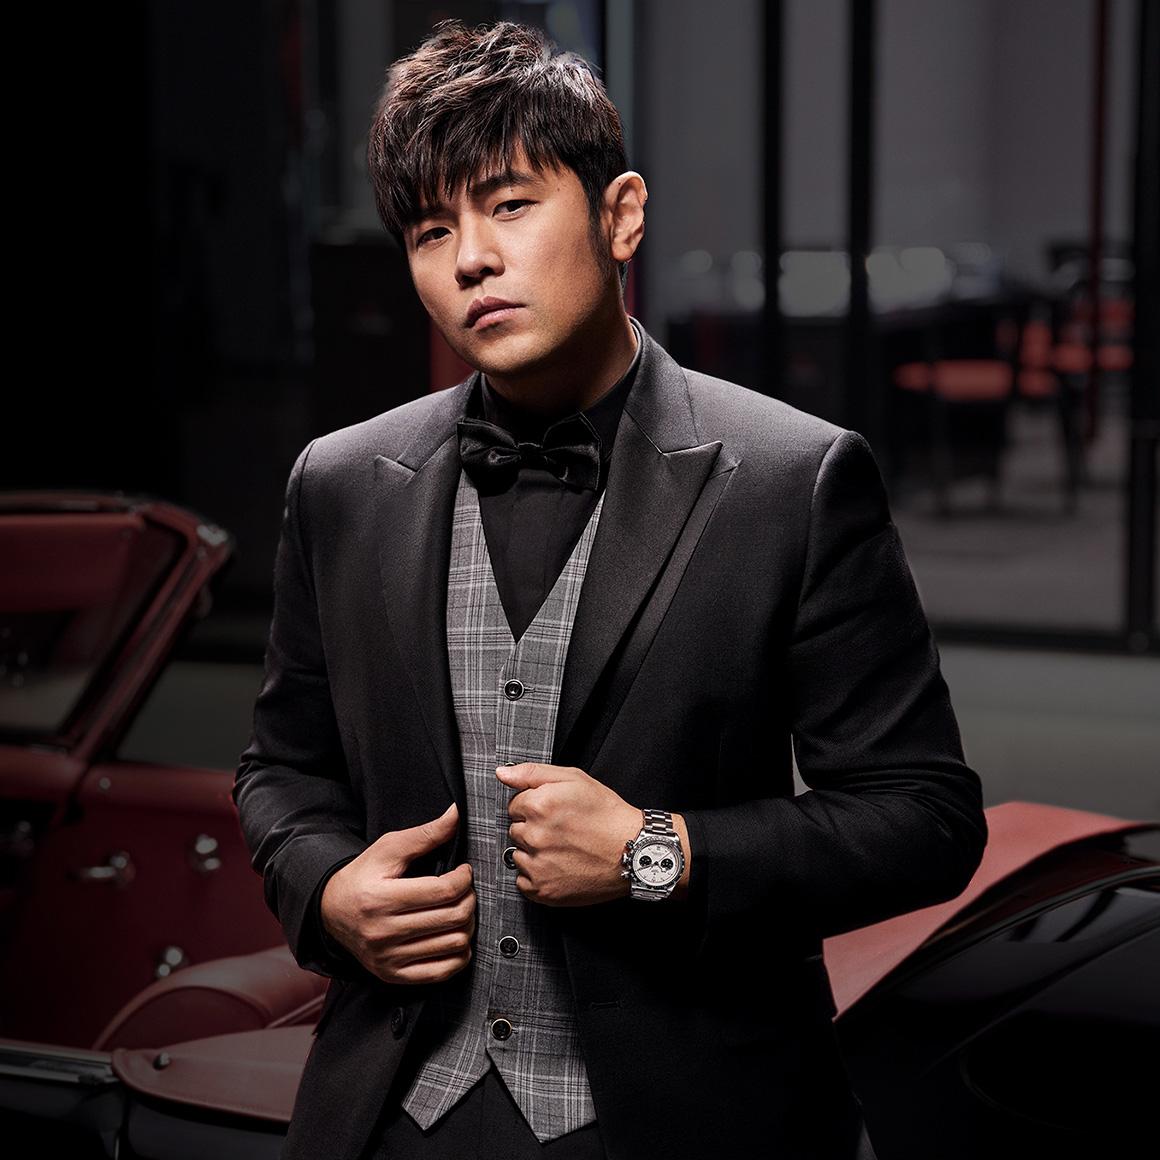 Image Jay Chou